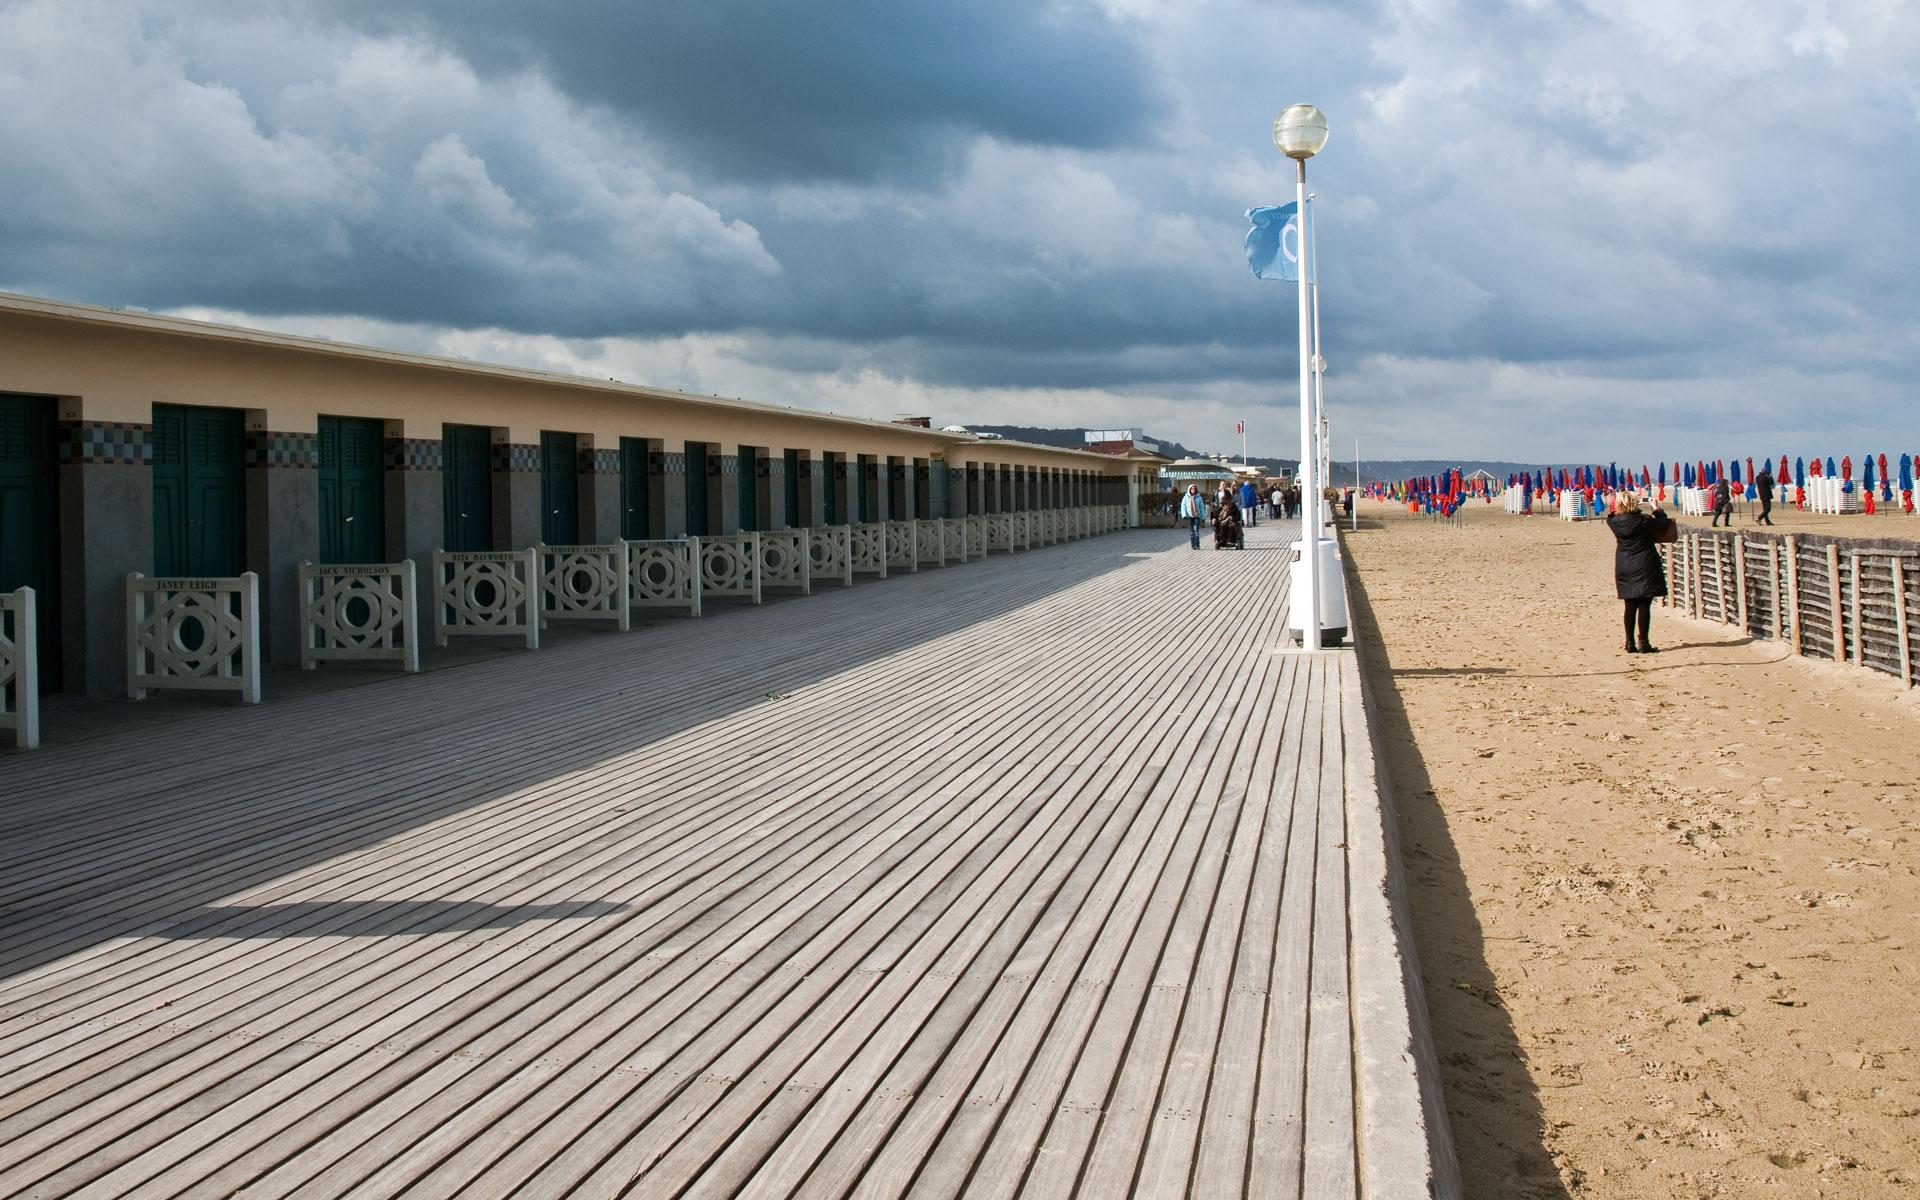 Deauville planches arts et voyages for Appart hotel etranger